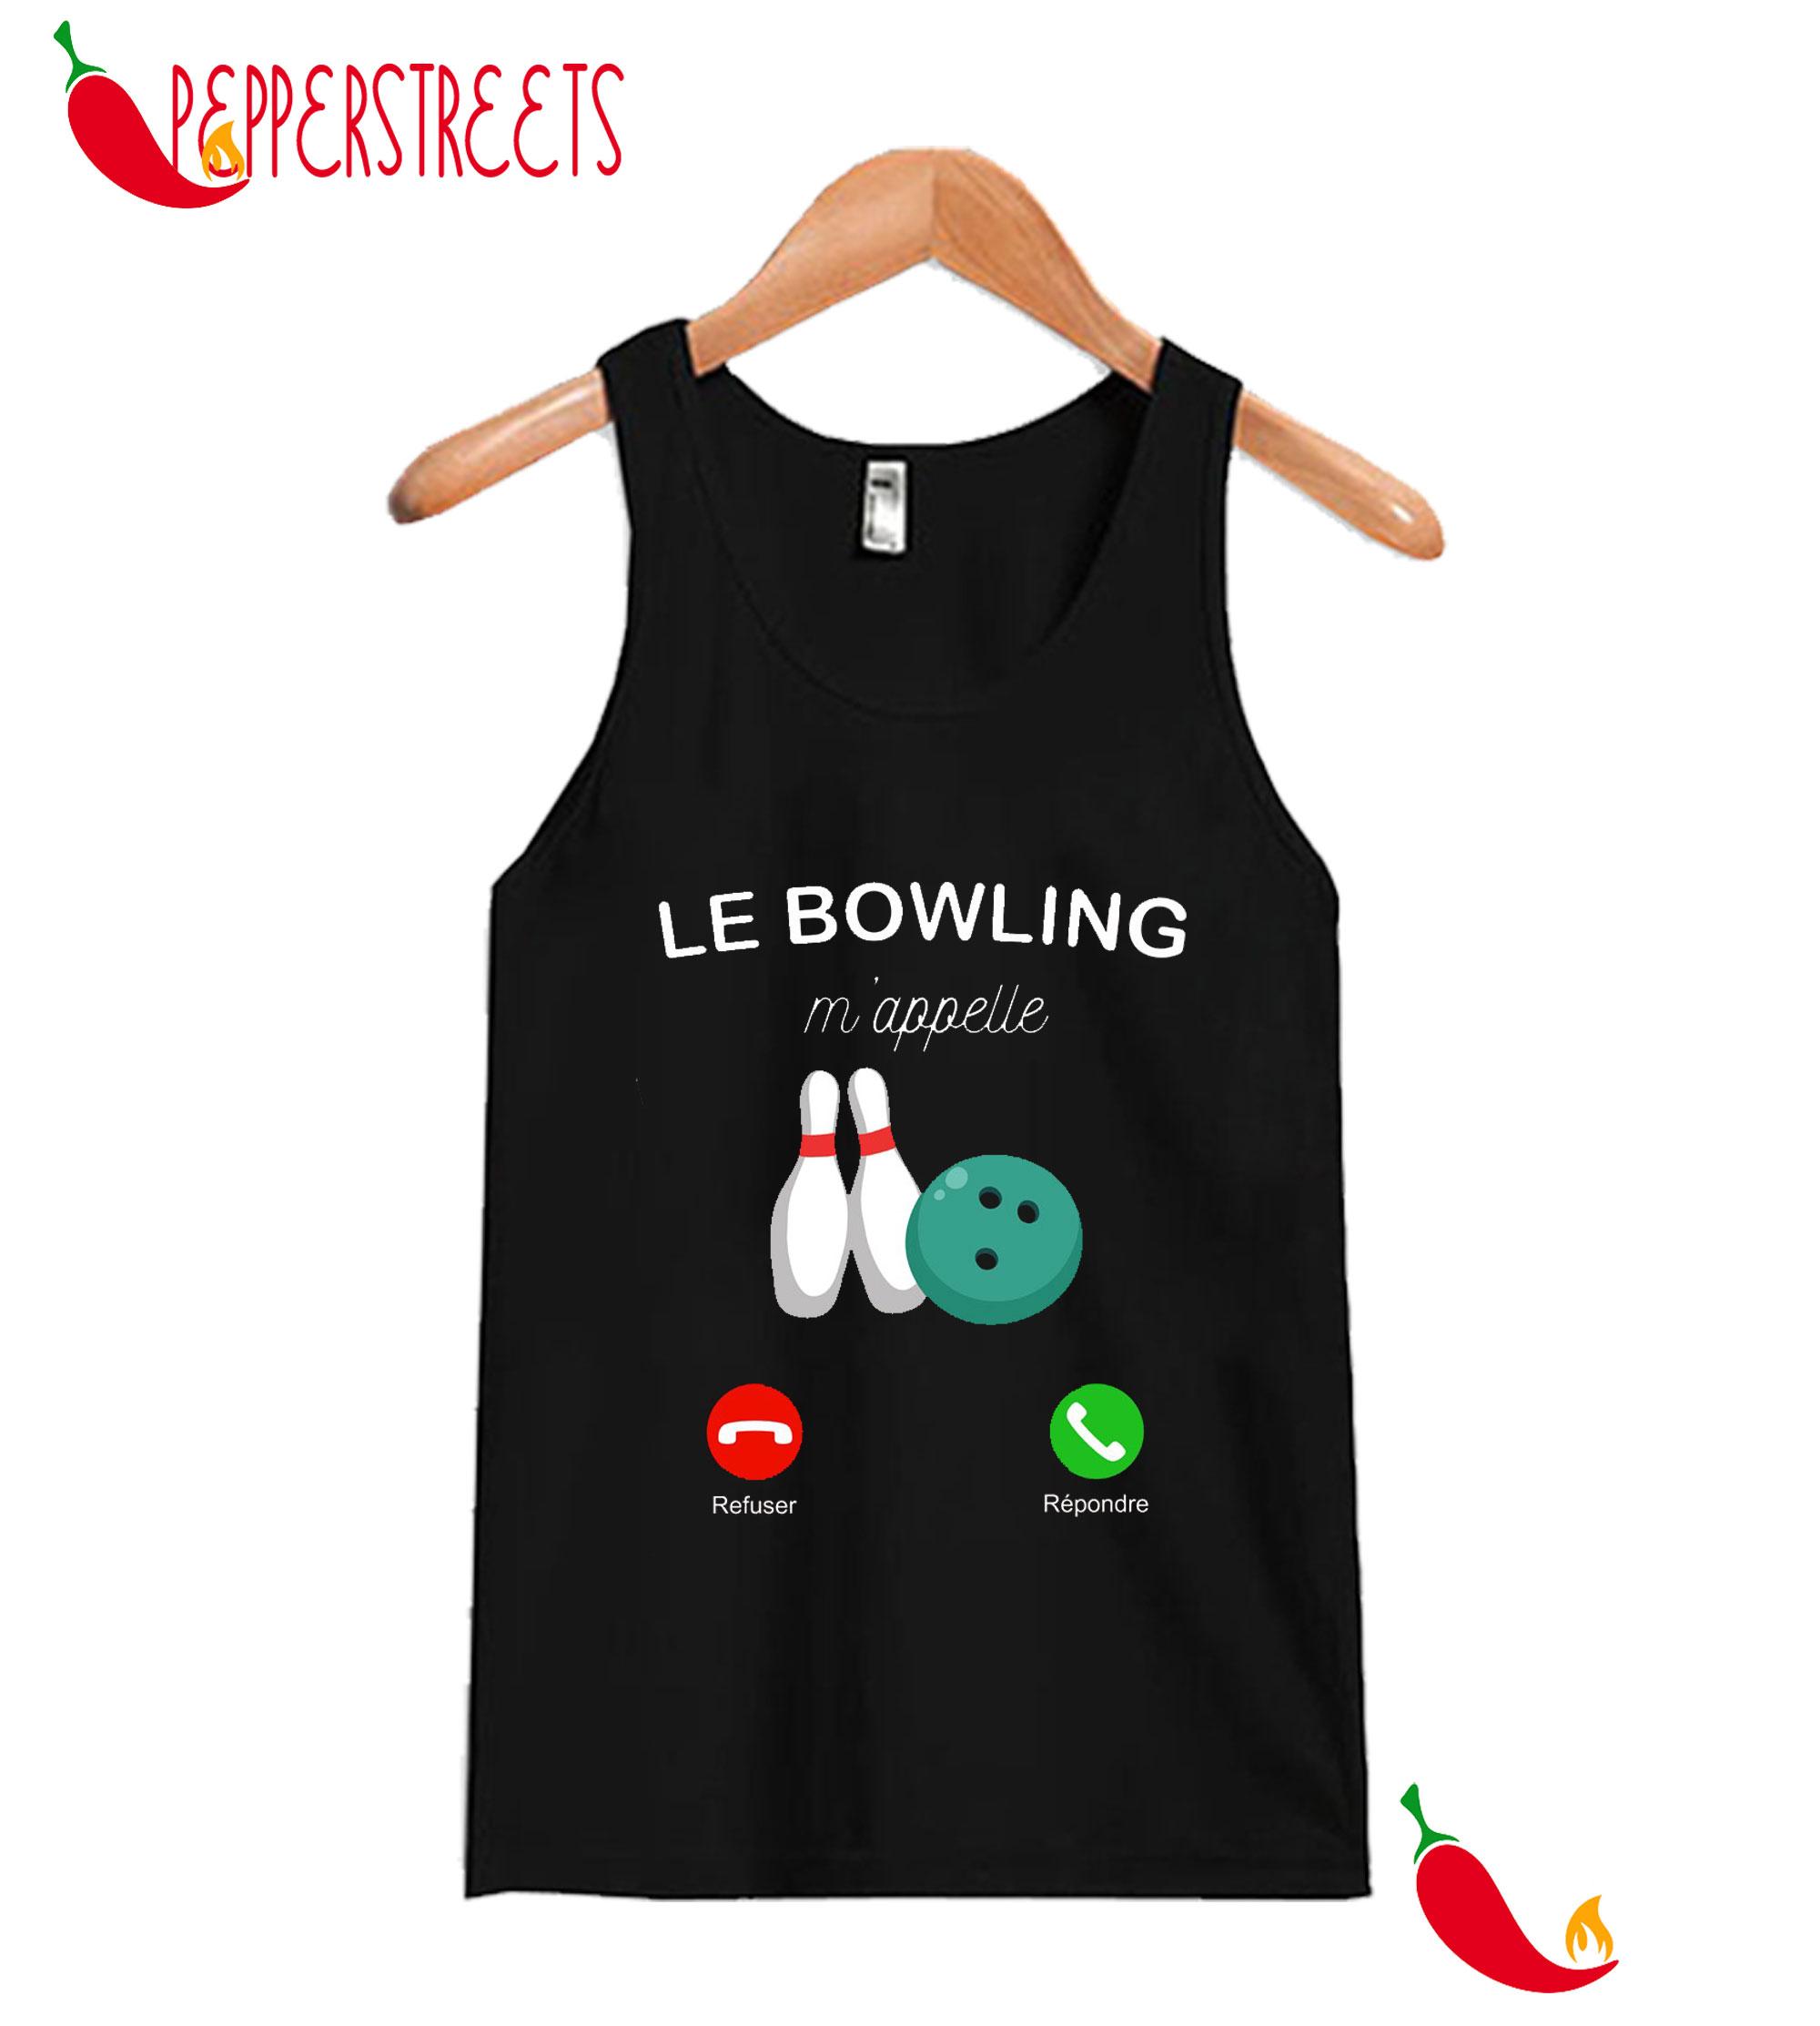 Le Bowling M'Appelle Tank Top